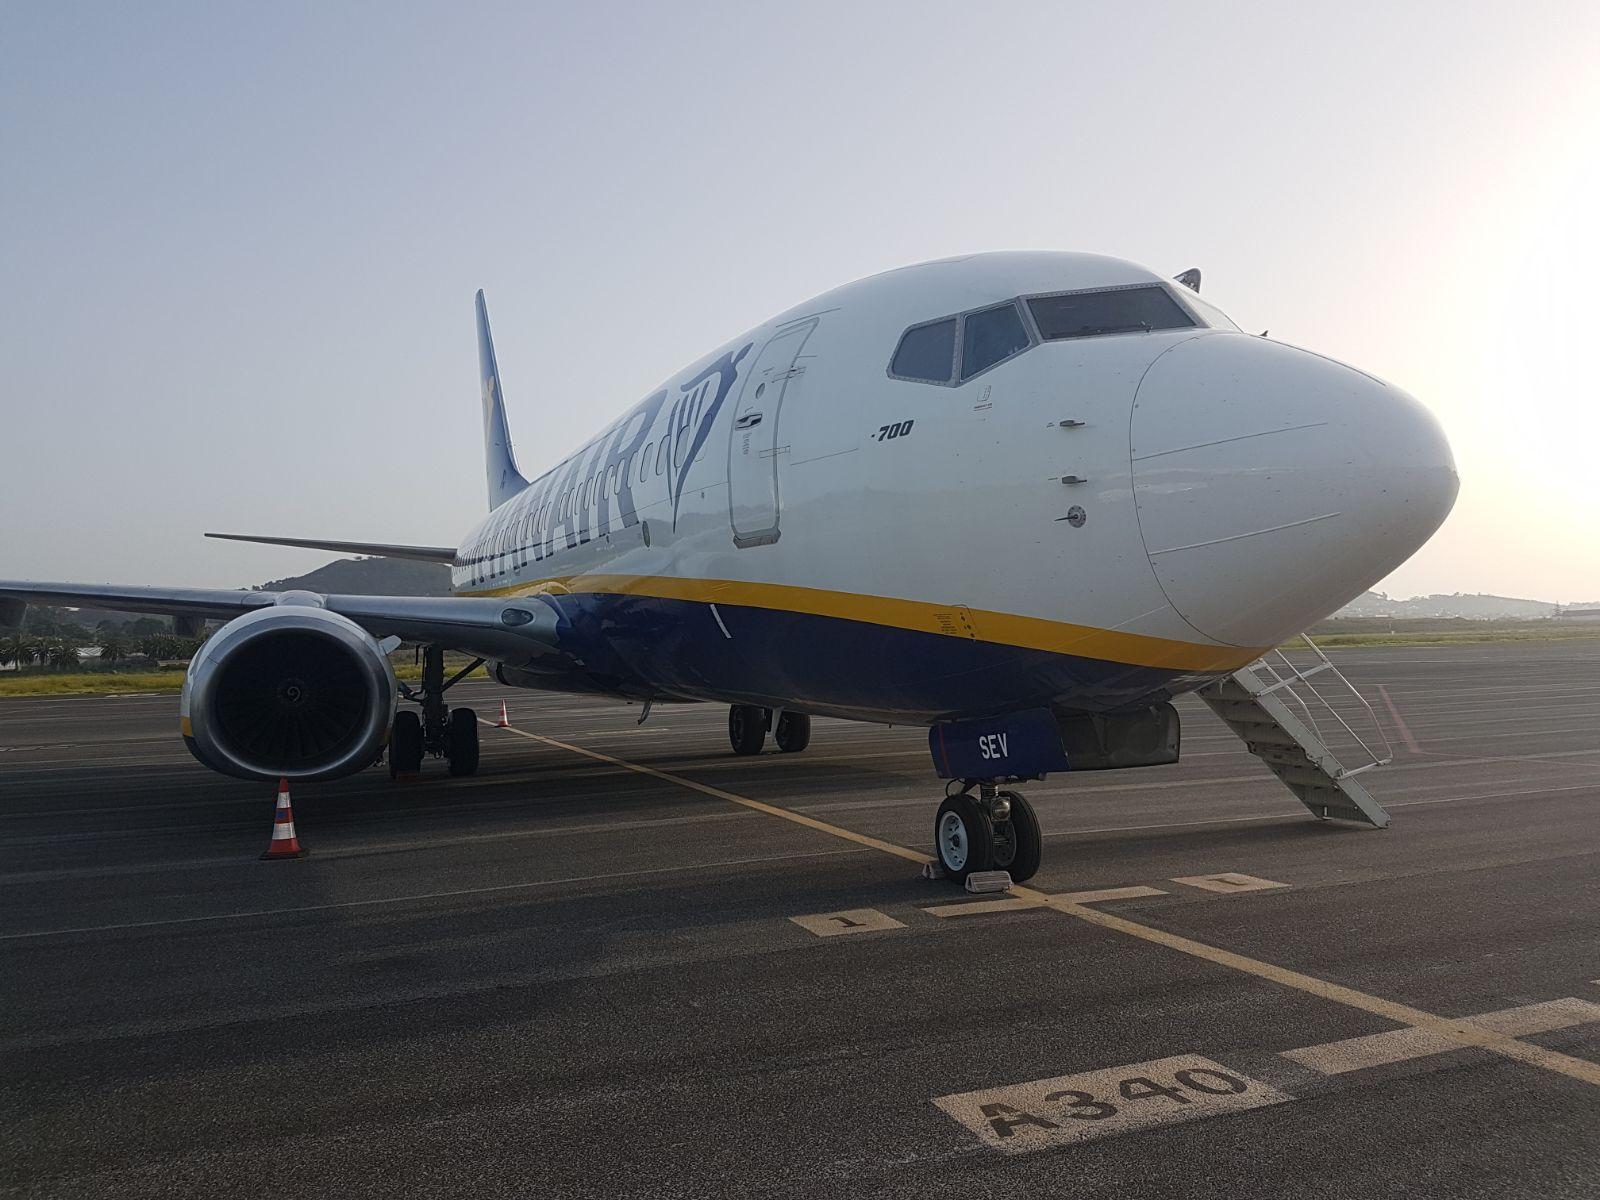 Avión B-737 serie -700 que llegó con mecánicos y materiales procedente de Stansted